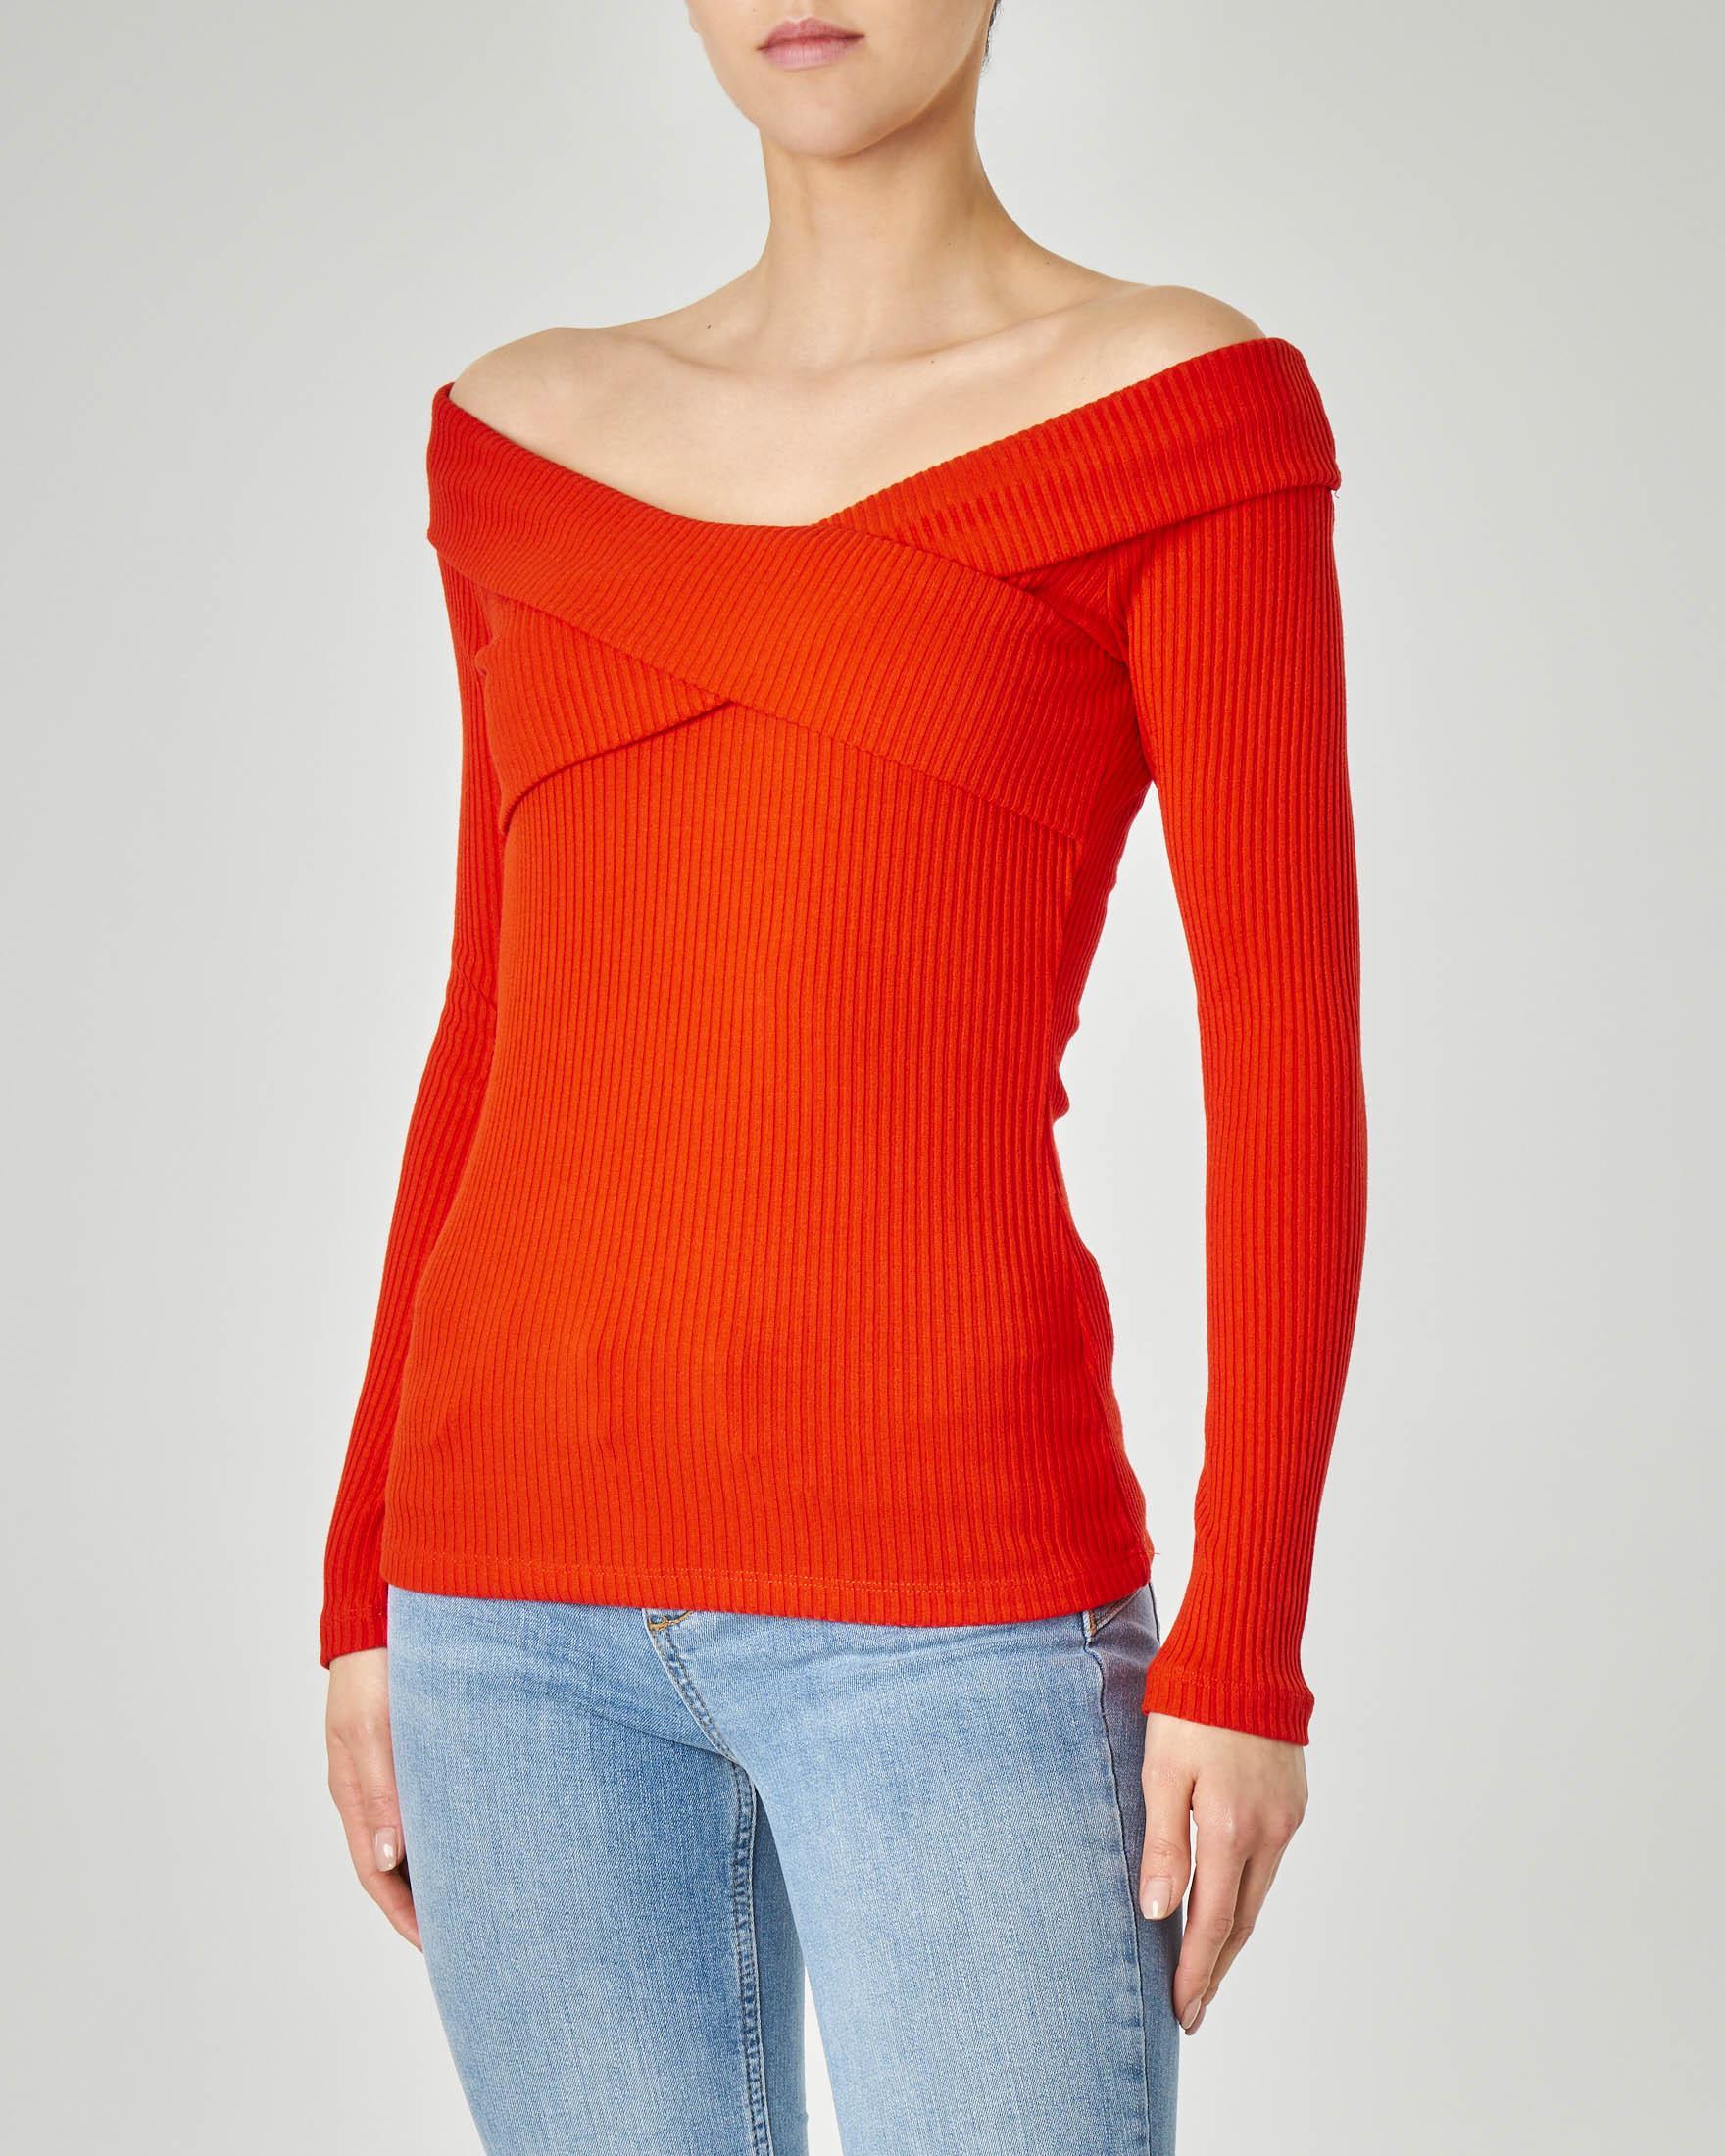 Maglia rossa in tessuto misto viscosa a costine con maniche lunghe e scollo a barchetta incrociato